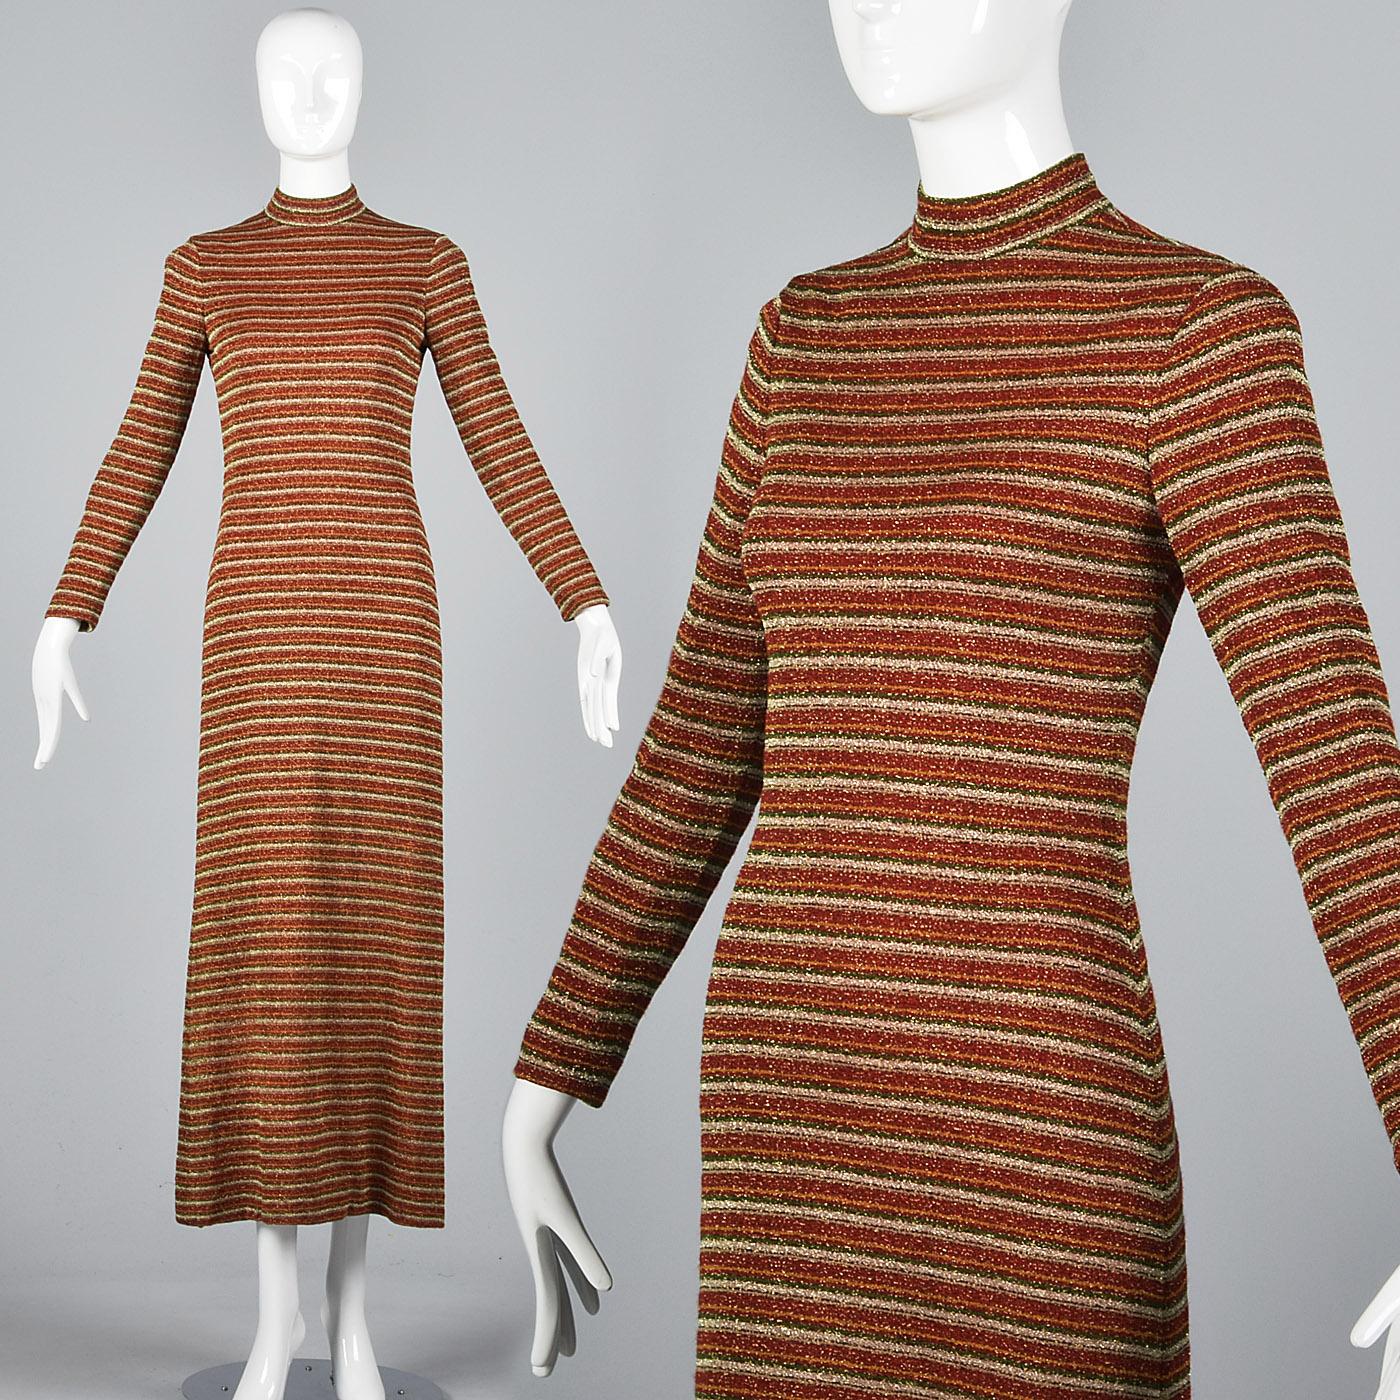 401831814f XS 1970s Dress Mollie Parnis Boutique Long Sleeve Maxi Dress VTG 70s Lurex  Knit